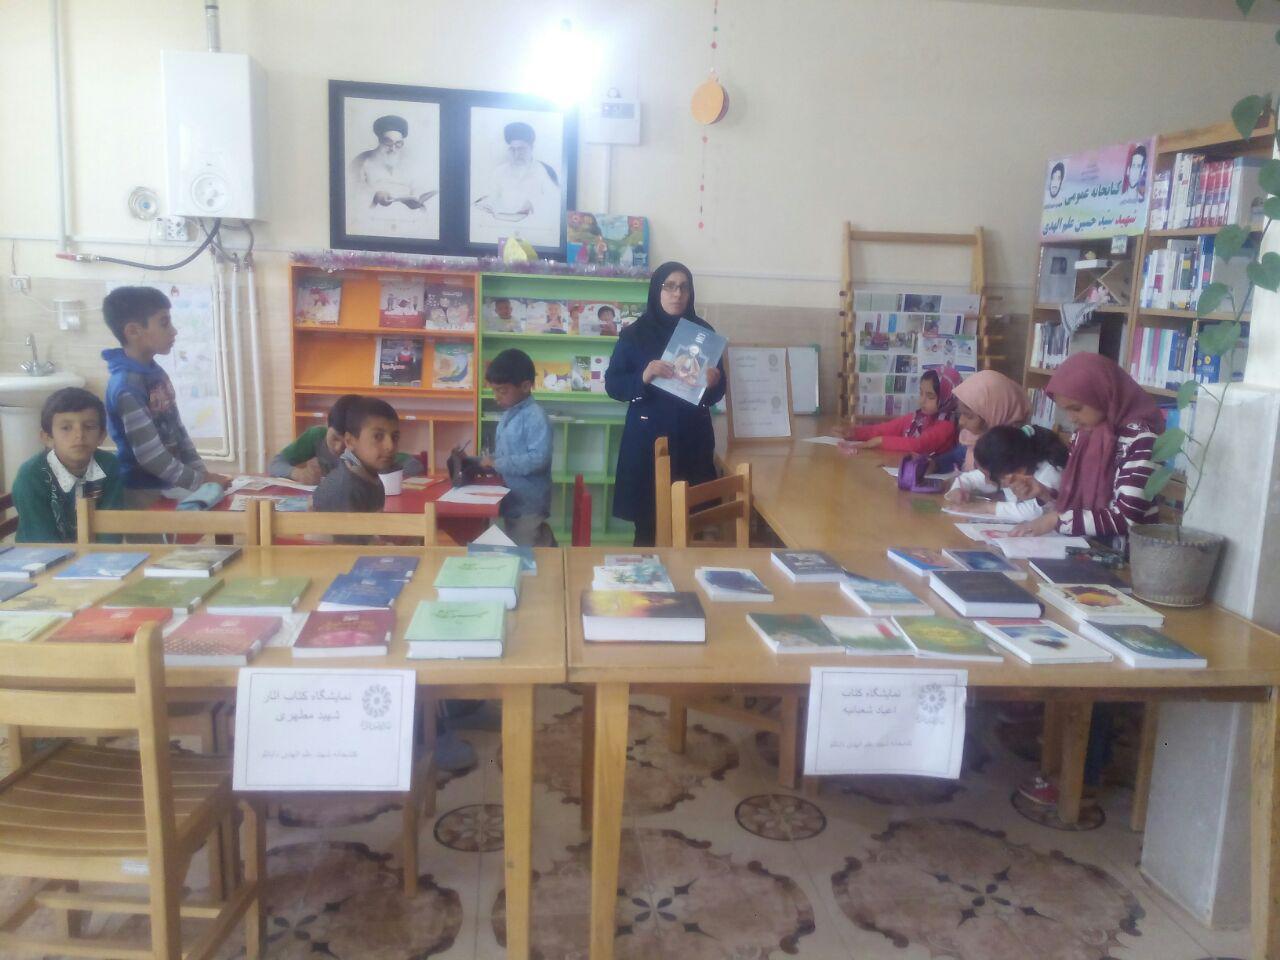 برنامه های اعیاد شعبانیه و روز معلم کتابخانه عمومی علم الهدی روستای دابانلو